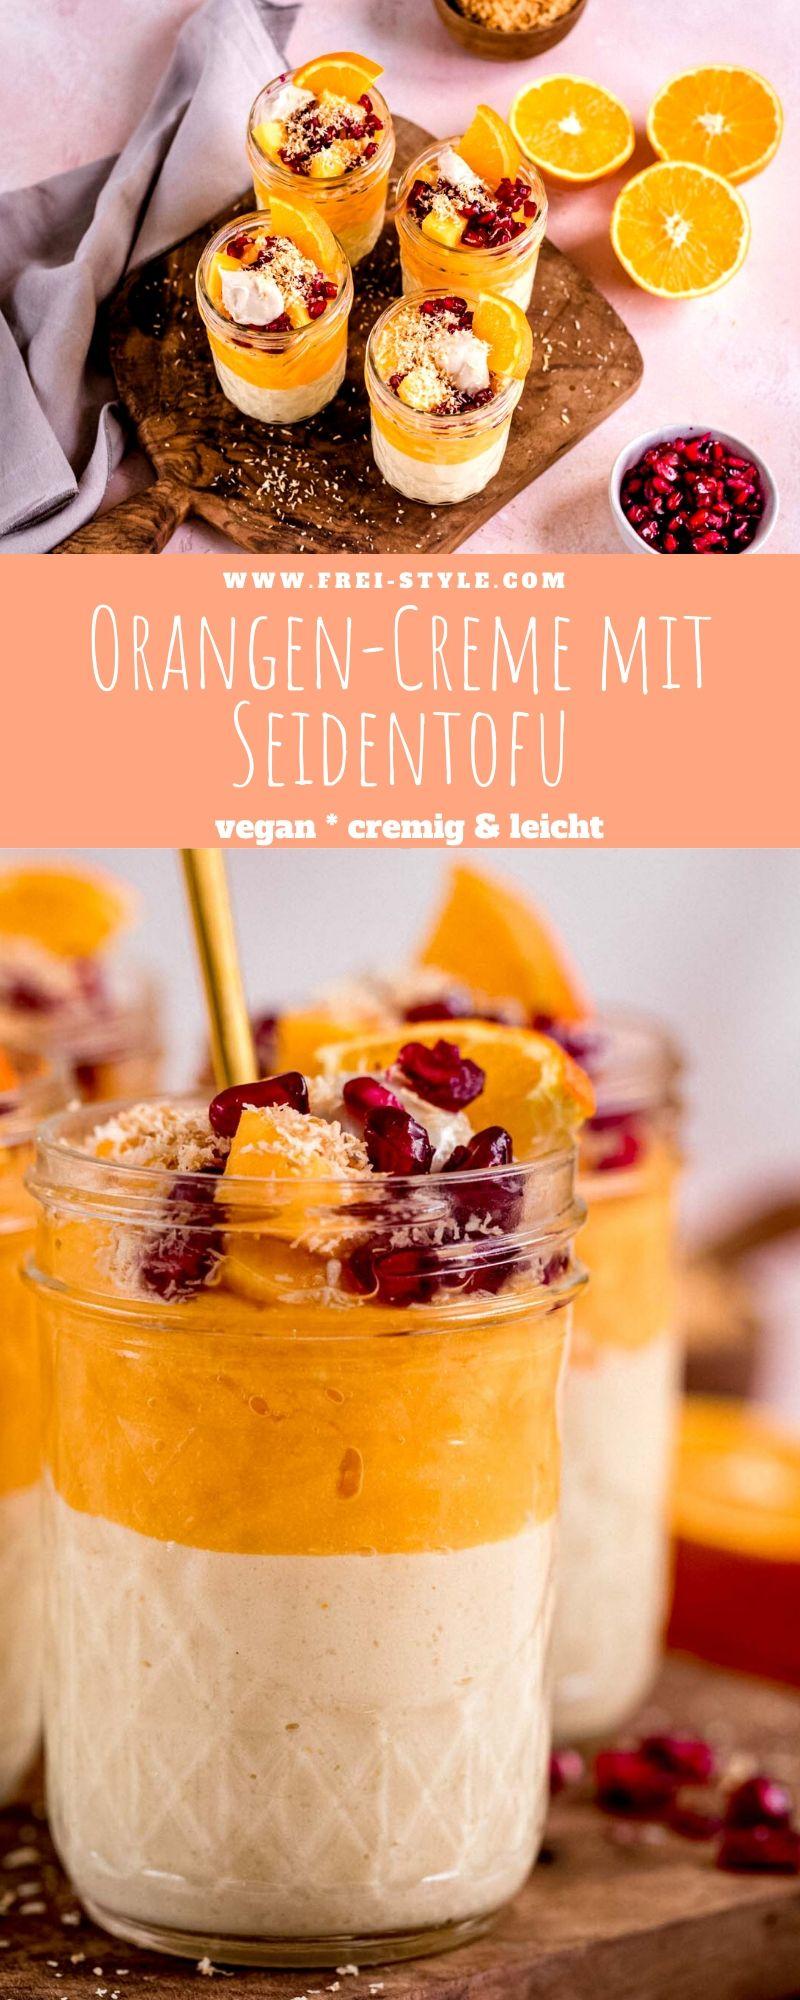 Orangen-Creme mit Seidentofu